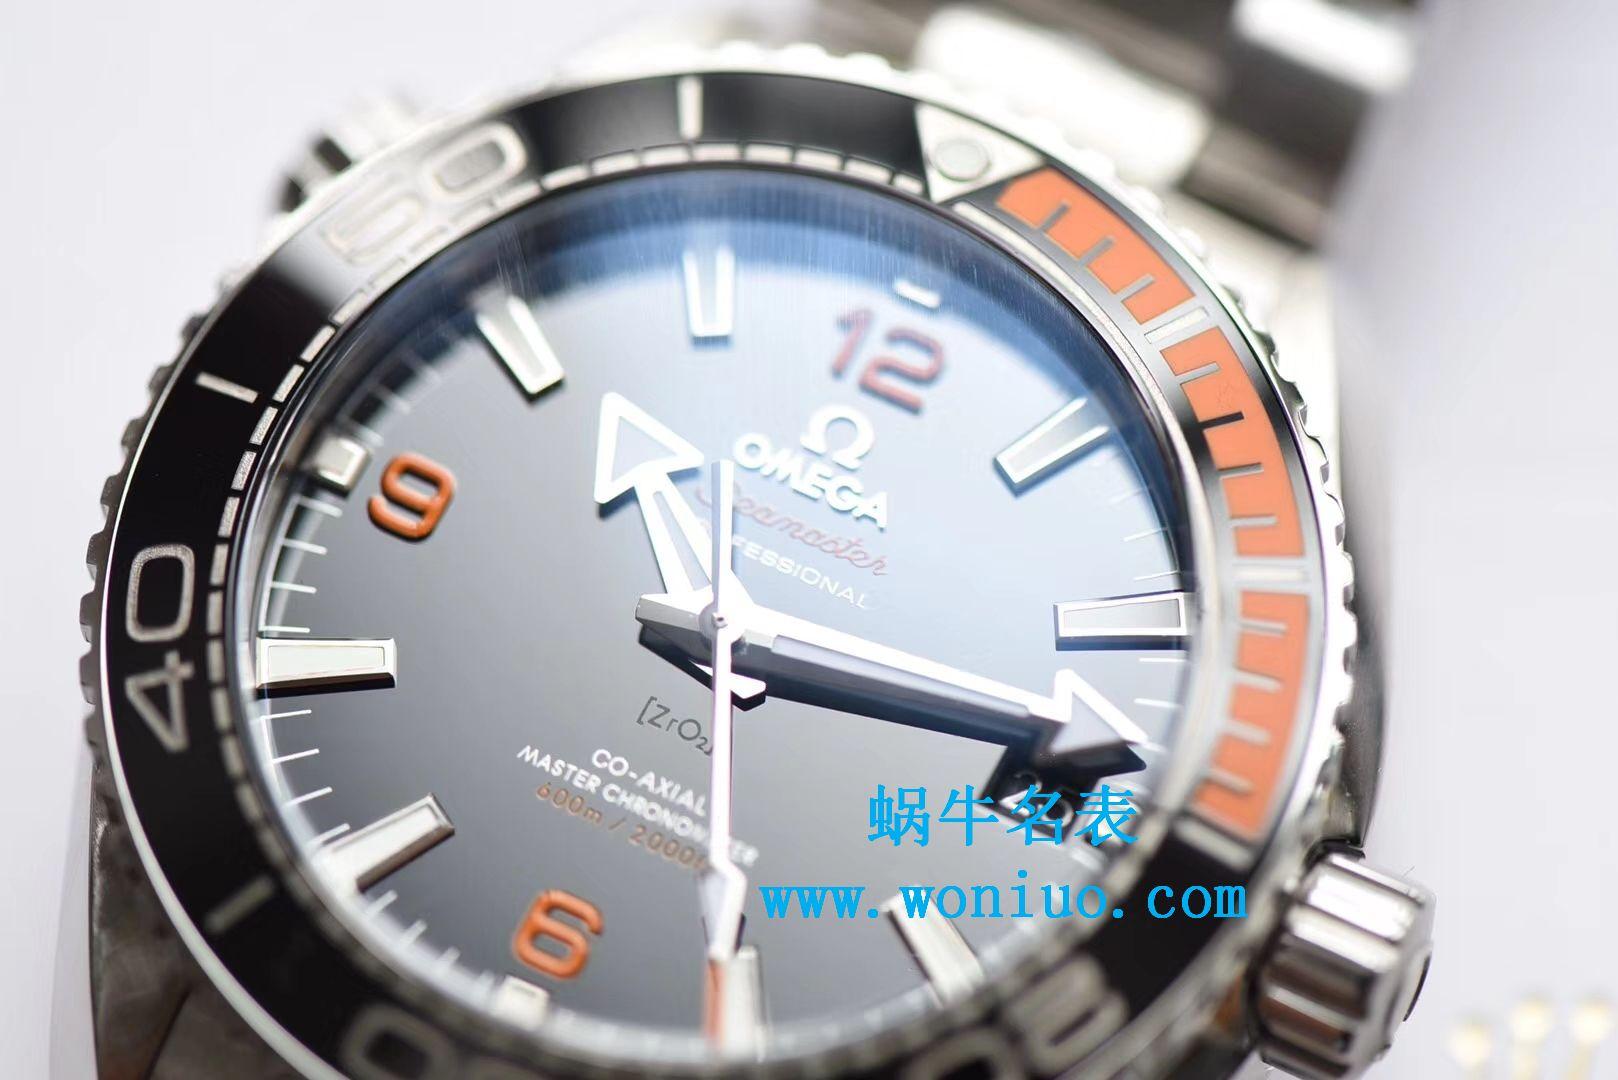 【全网首发‼️3S超级海洋宇宙黑橙圈】欧米茄Seamaster海洋宇宙600米215.30.44.21.01.002腕表 / M322